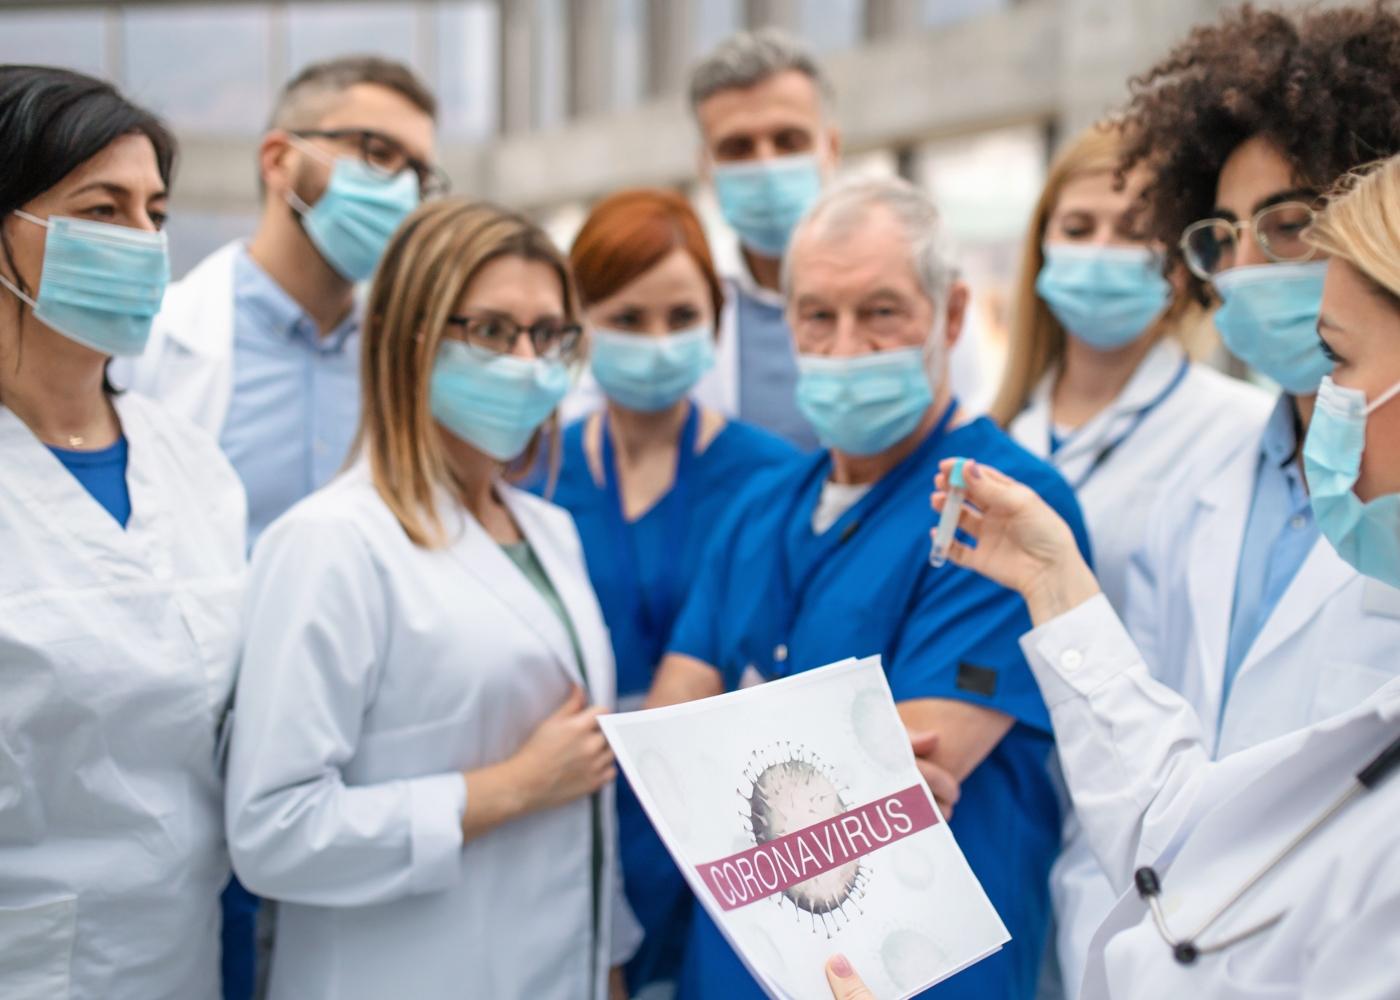 Fase de mitigação COVID-19: médicos e enfermeiros a prepararem-se para aumento de casos